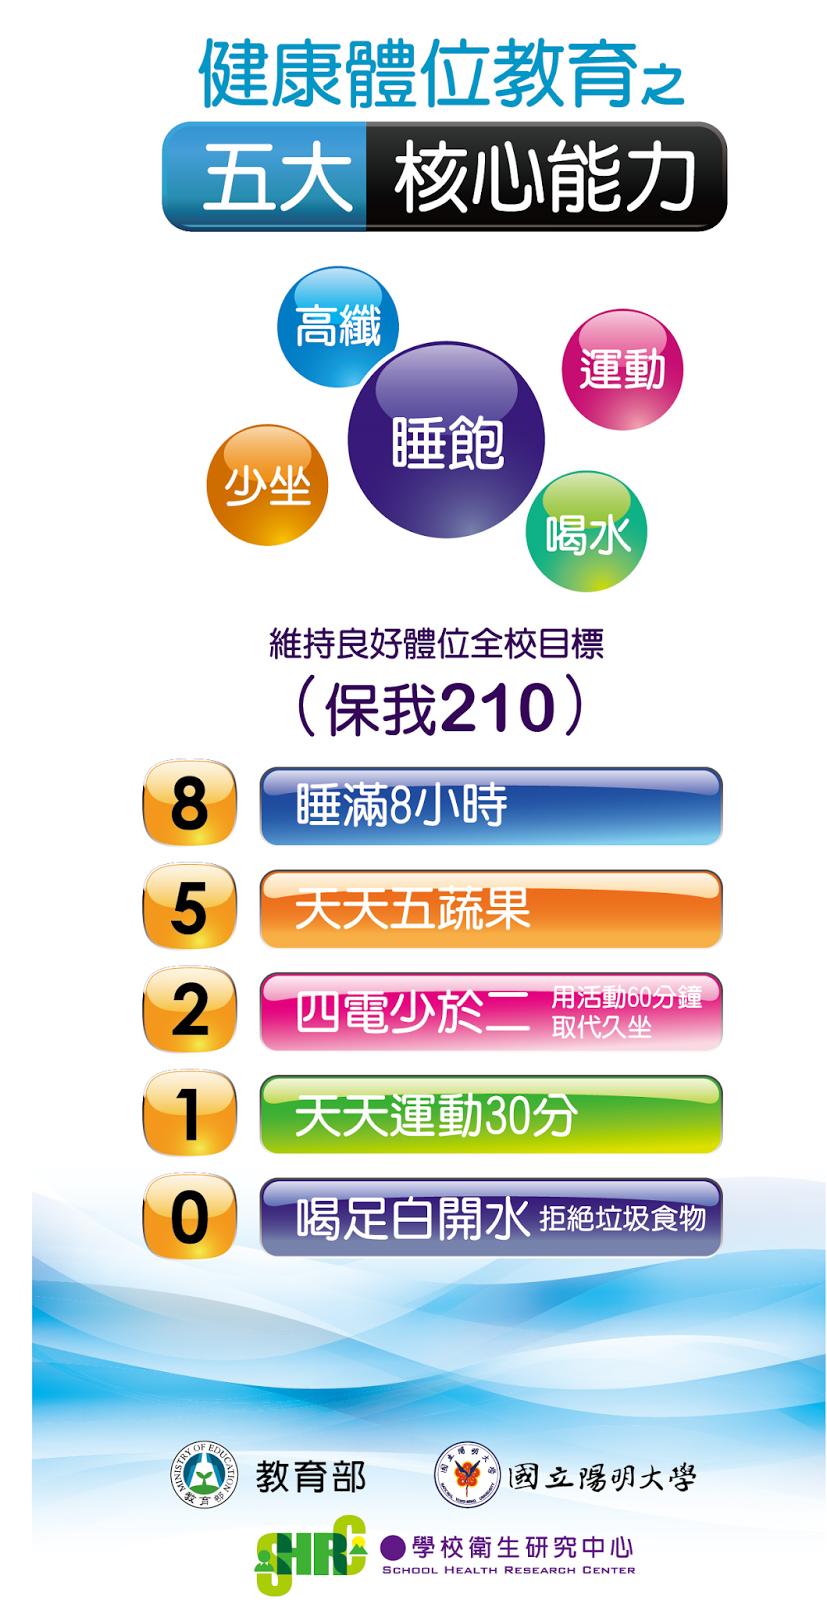 高雄鳳山內科診所 - 文德診所 - 糖尿病健康促進機構: 學童肥胖不是少吃就好!減重秘訣在:85210